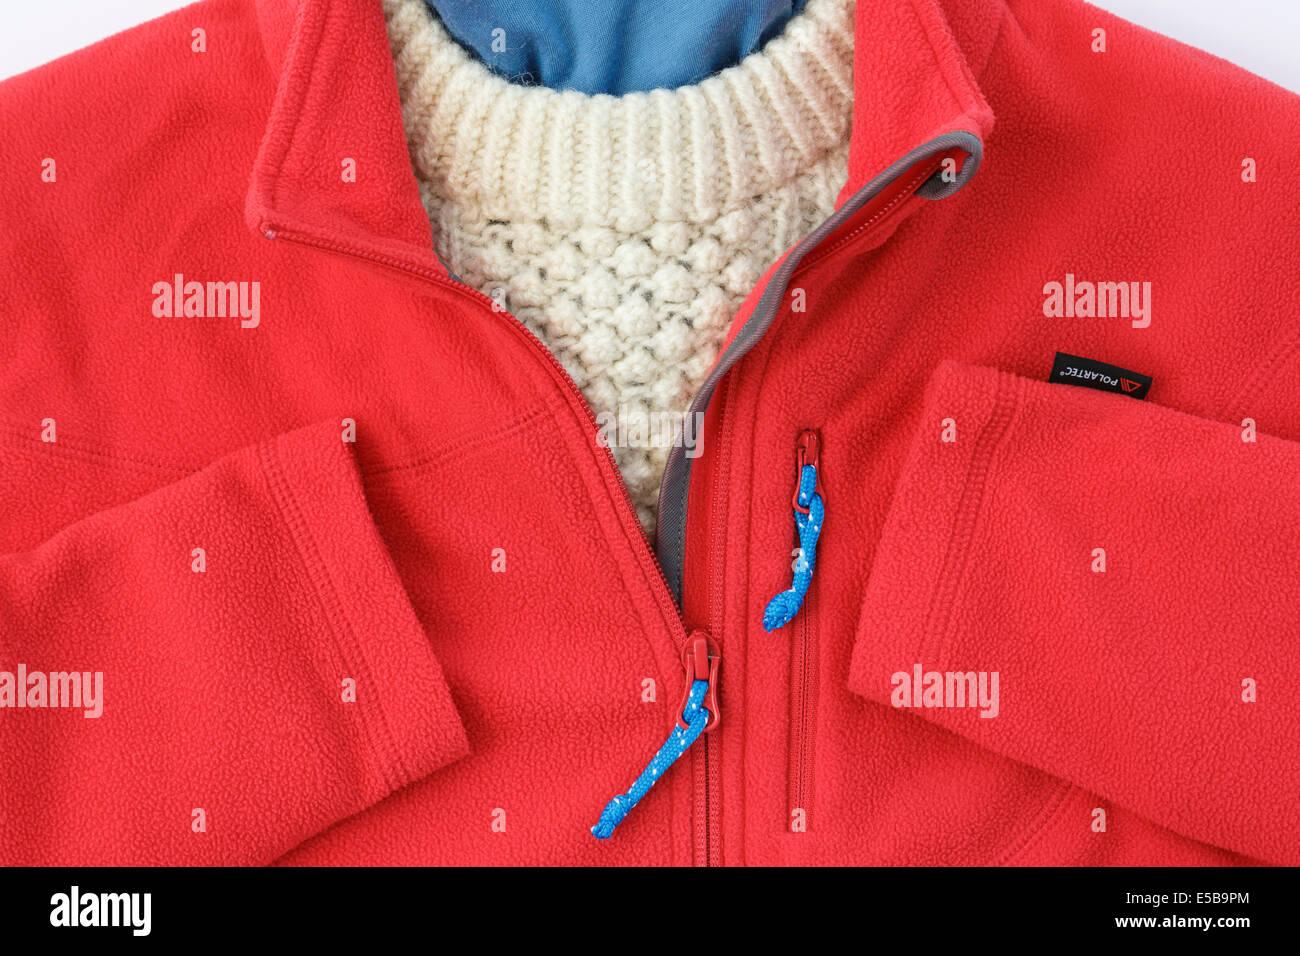 Rot-Polartec-Fleece-Jacke mit Reißverschluss öffnen über eine Arran Pullover für warme Winterkleidung. Stockbild